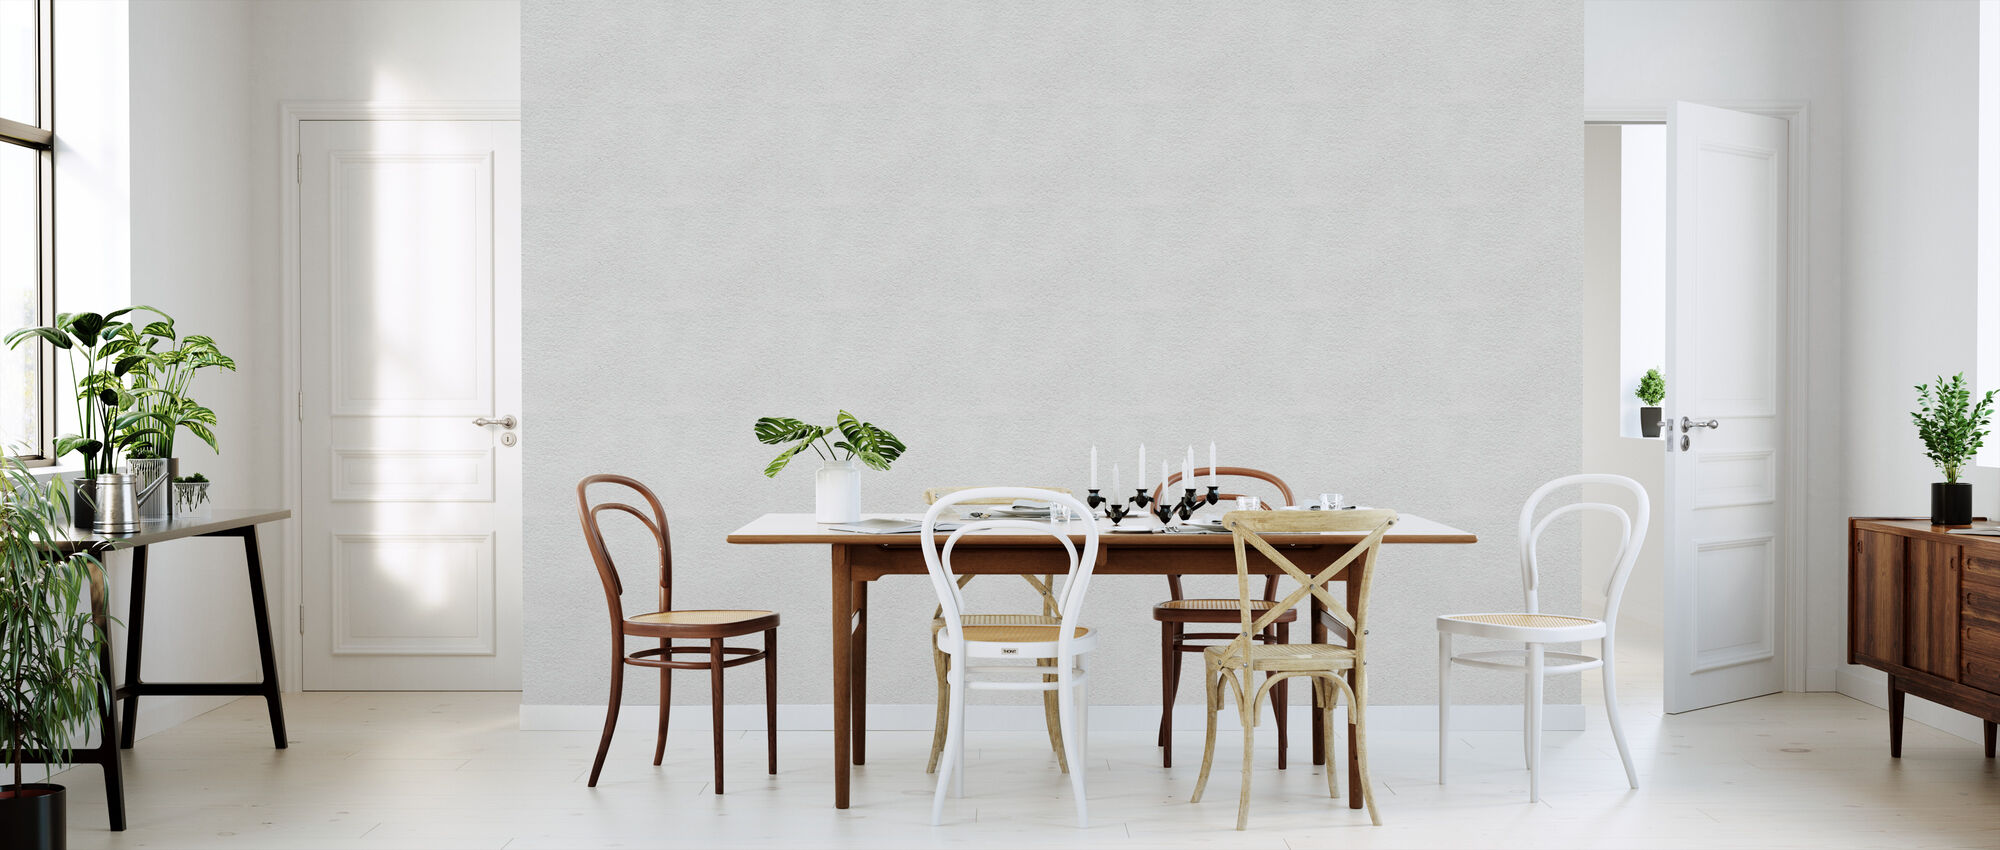 white concrete texture eine tapete f r jeden raum und jedes ambiente photowall. Black Bedroom Furniture Sets. Home Design Ideas